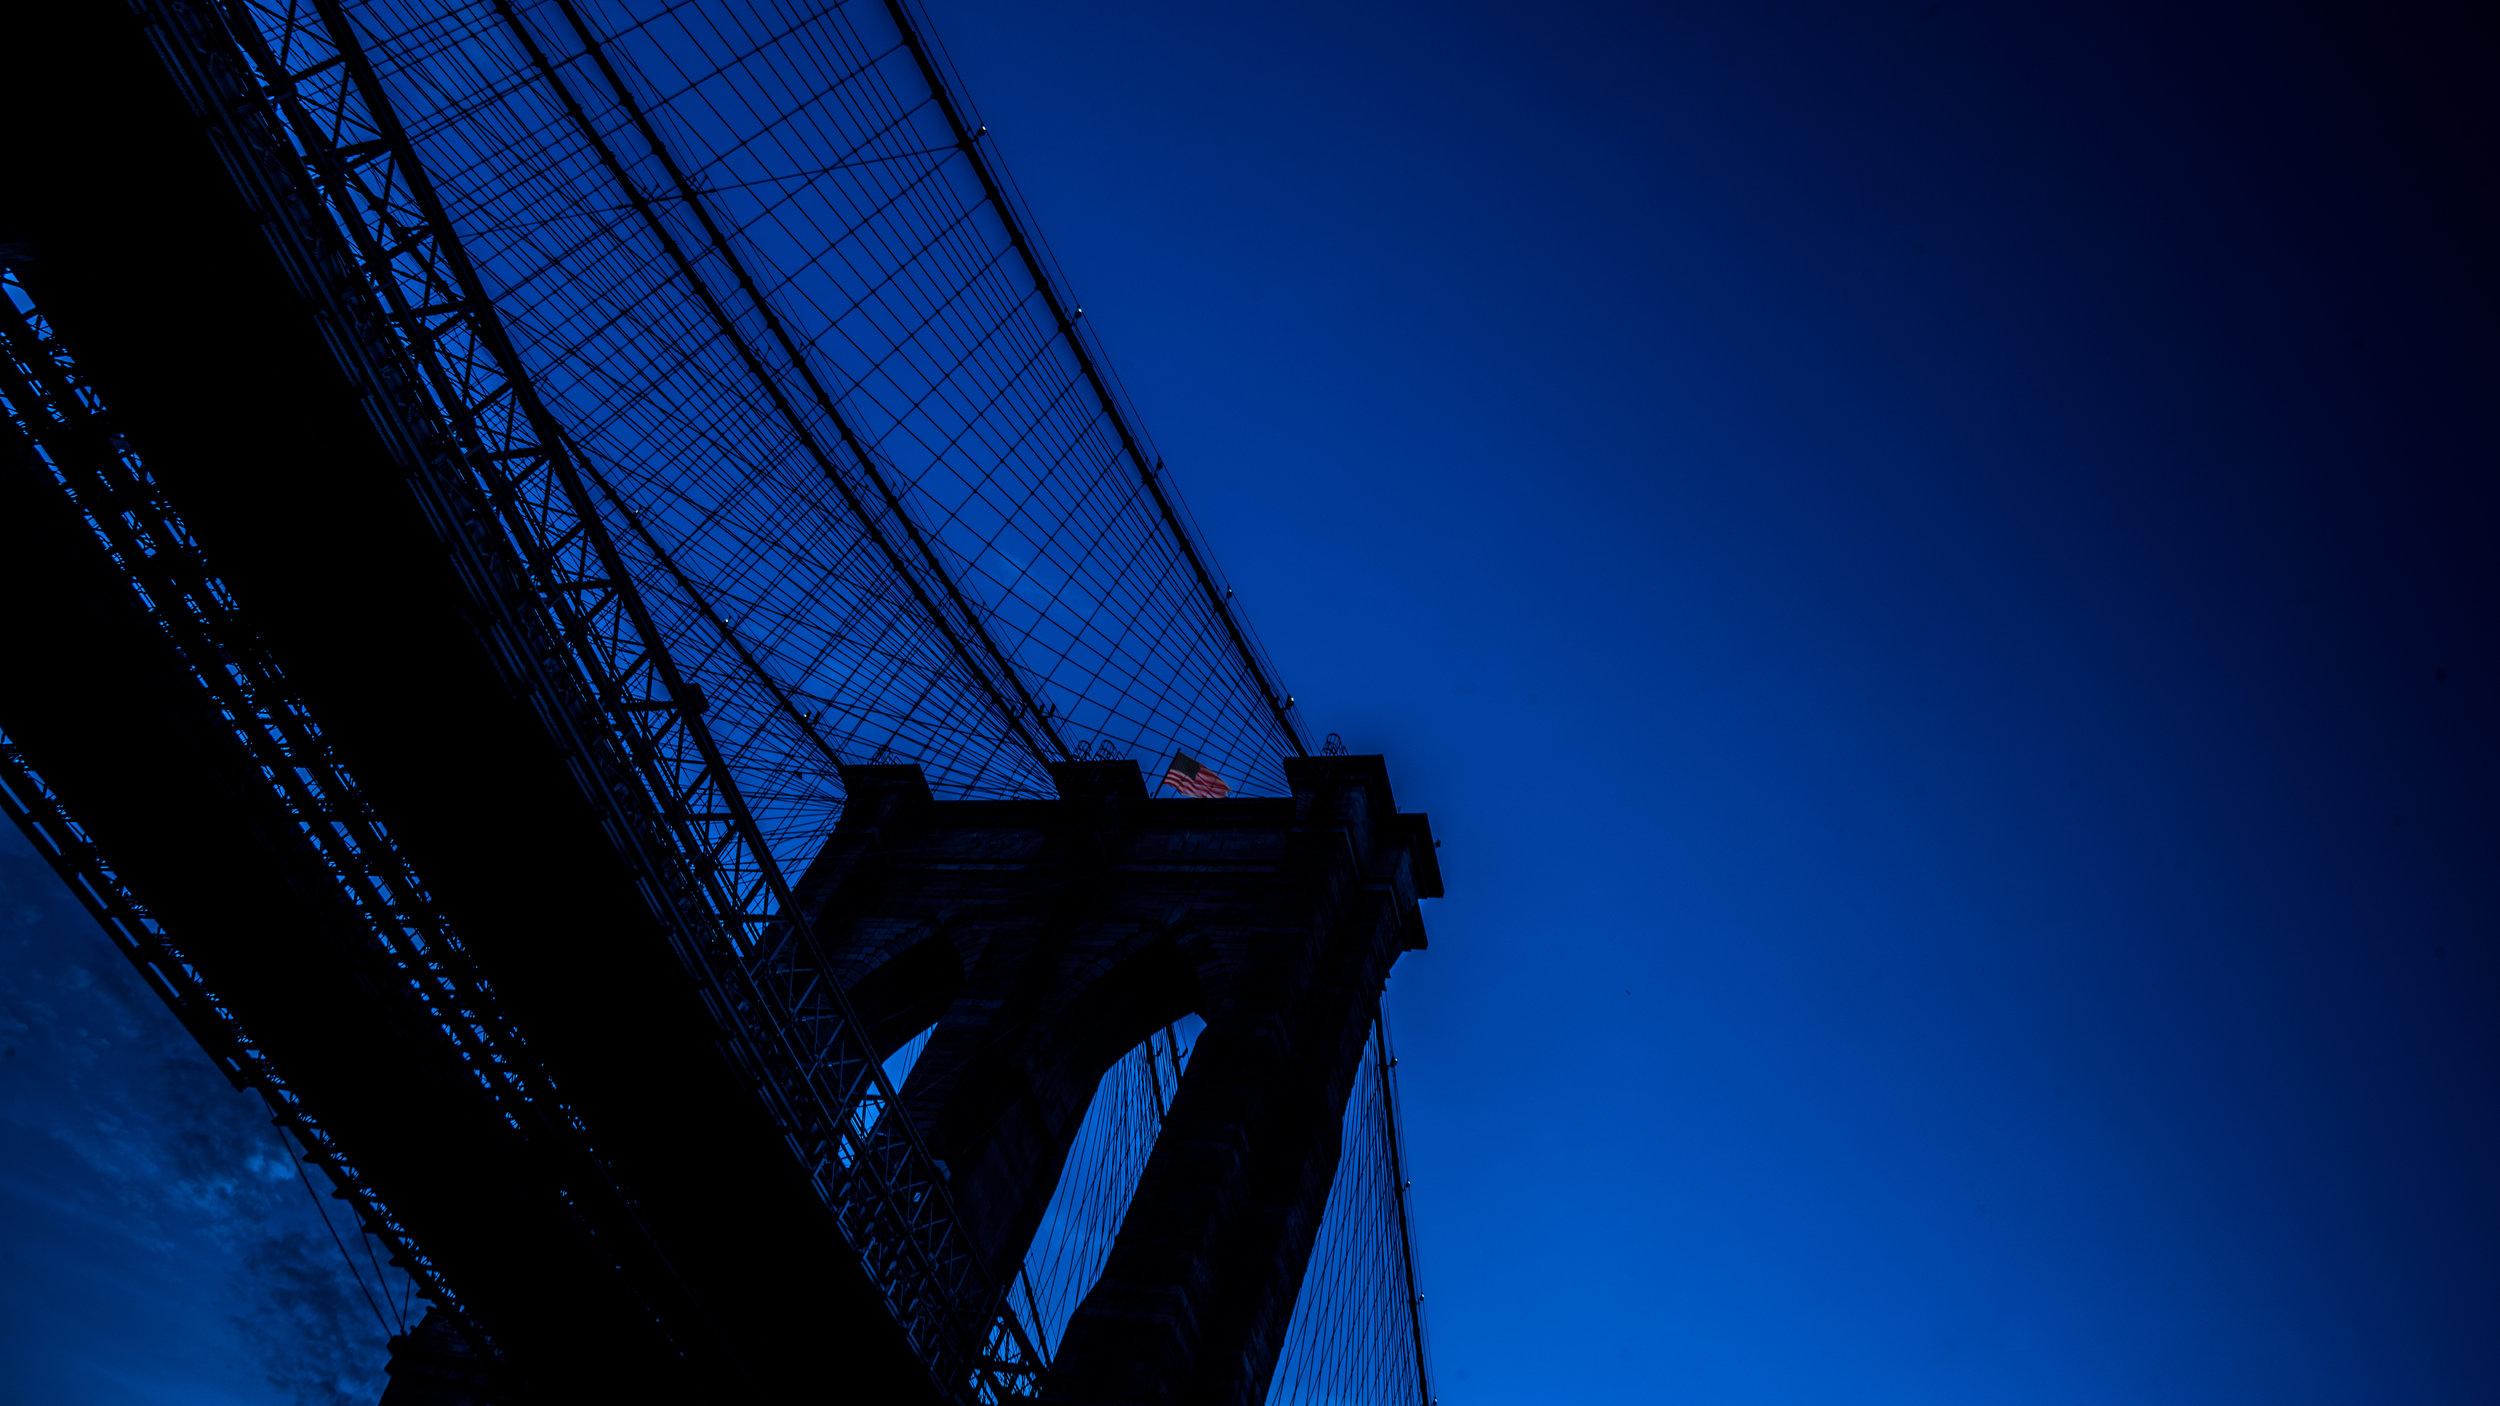 bridge-blue-final.jpg